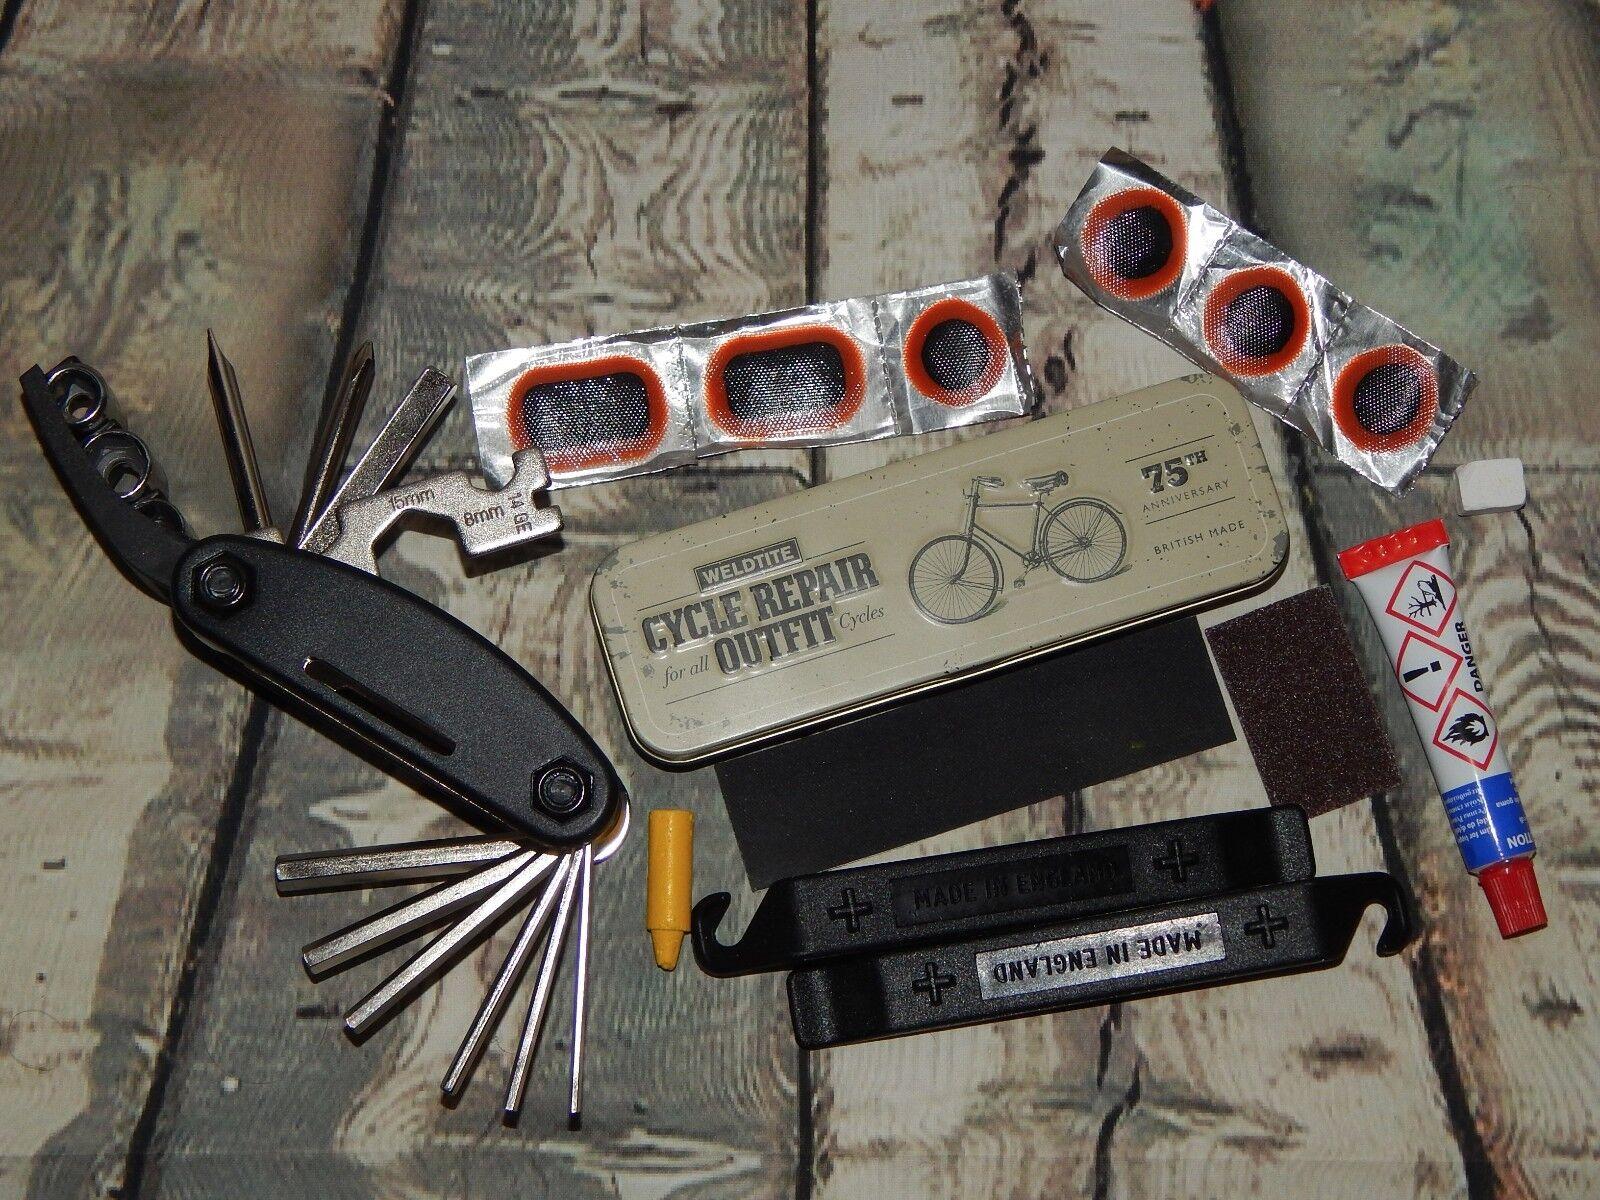 Vélo Réparation Set Cadre Cadre Set Sac en cuir, multi-outil Kit anti-crevaison Noir c1e59d